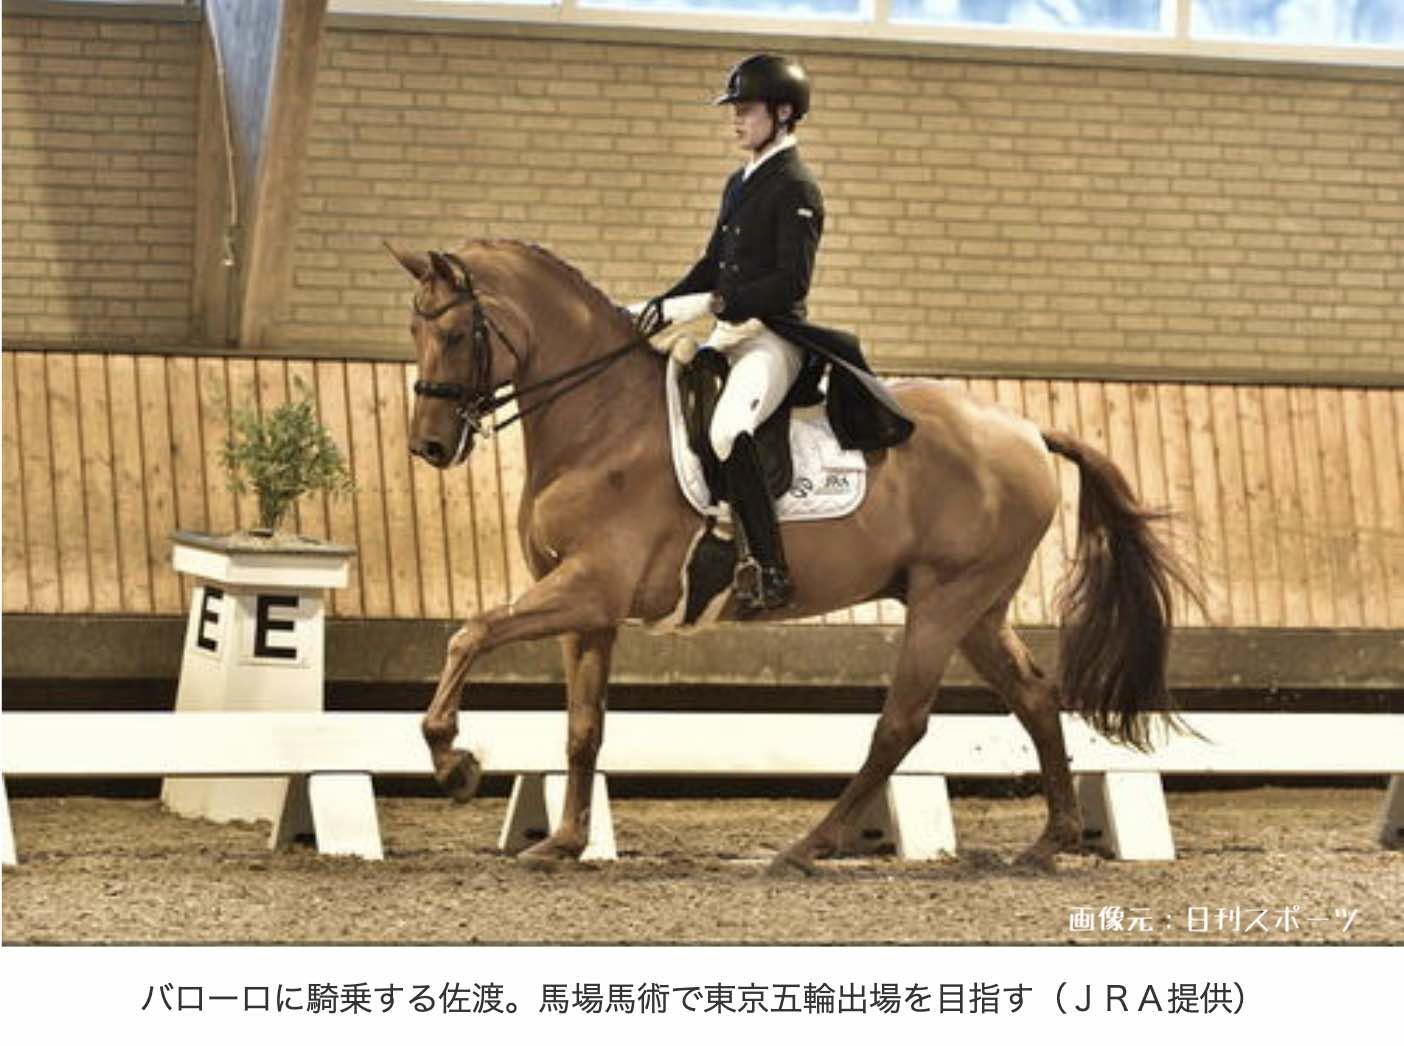 オリンピックの馬術とは。競馬との違い